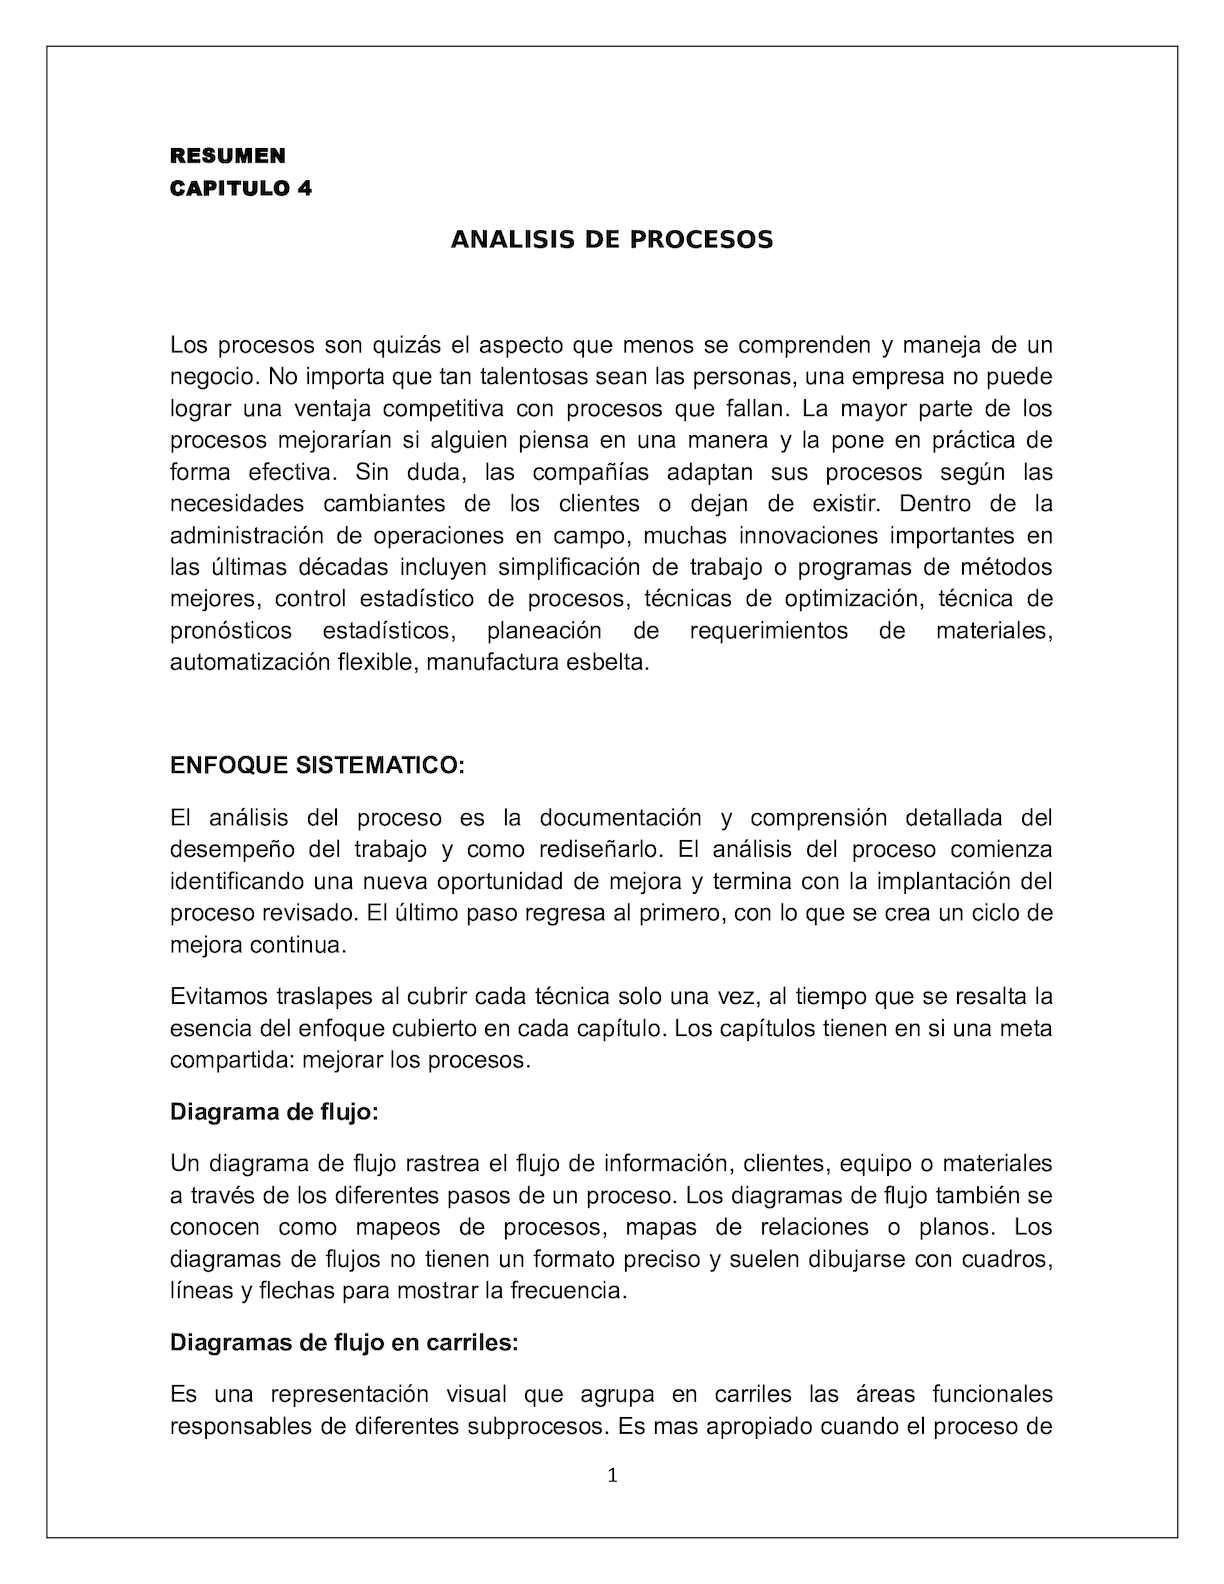 Calaméo - Resumen Capitulo 4 ANALISIS DE PROCESOS